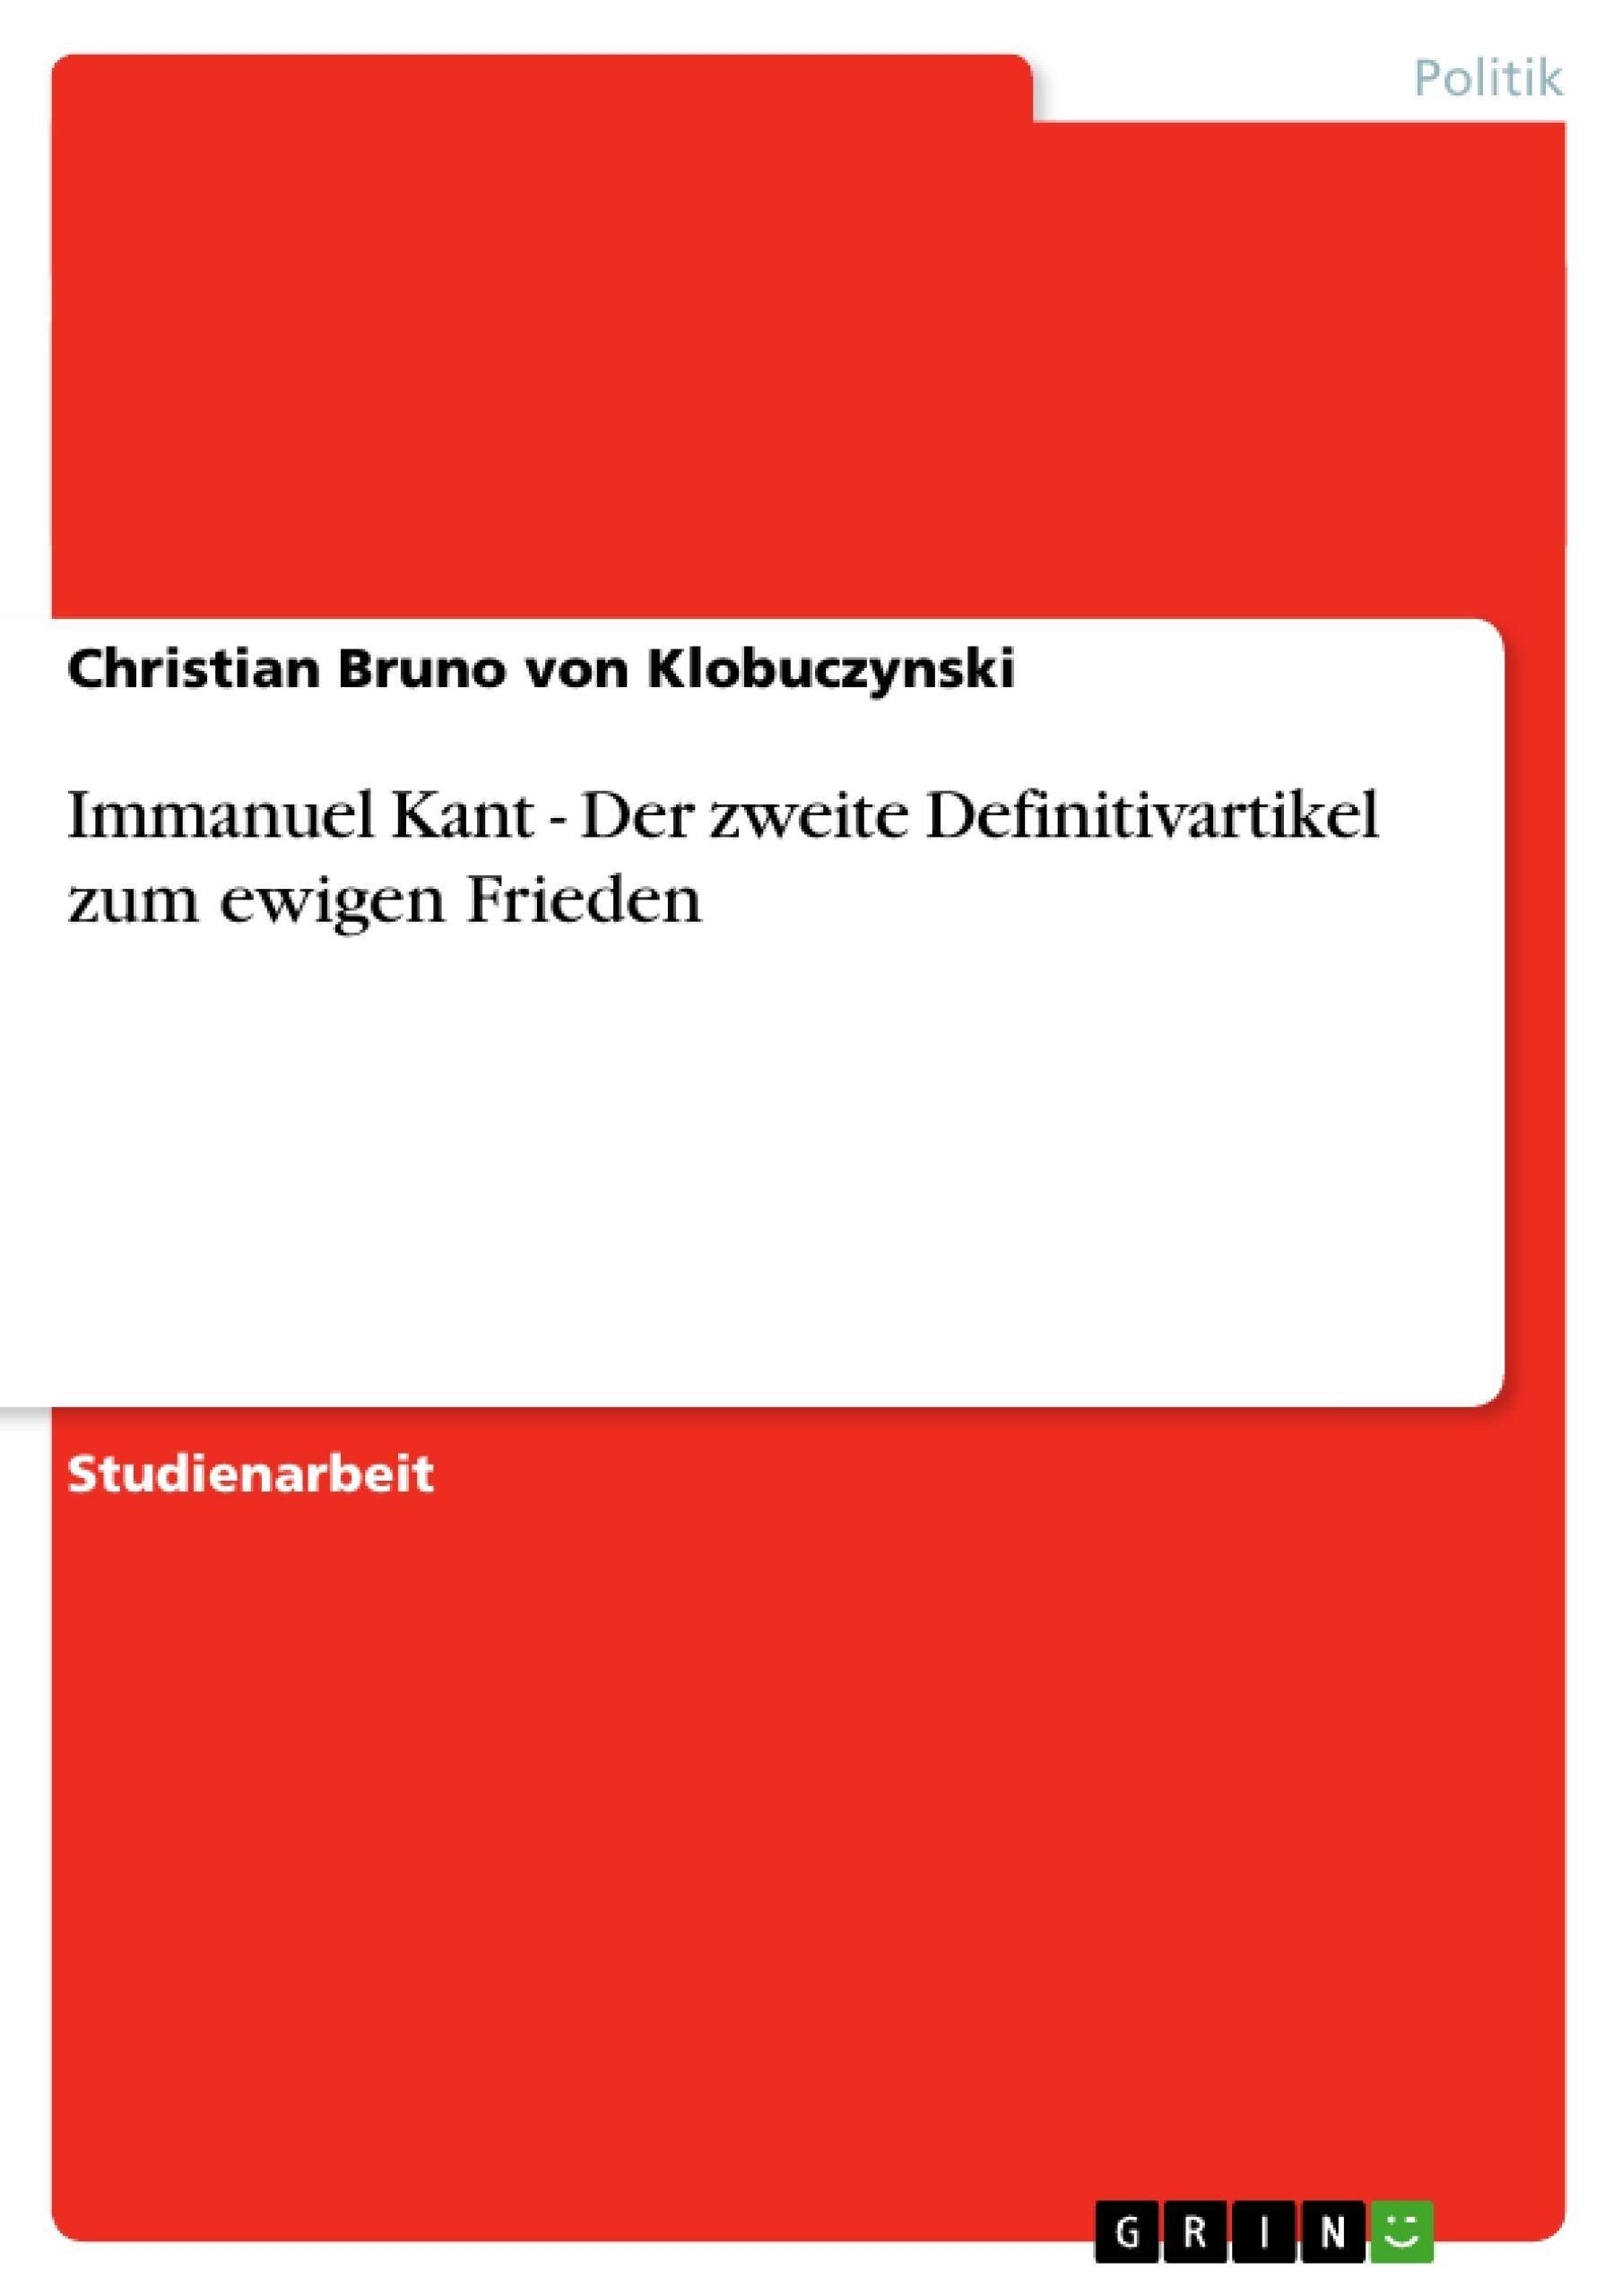 Titel: Immanuel Kant -  Der zweite Definitivartikel zum ewigen Frieden